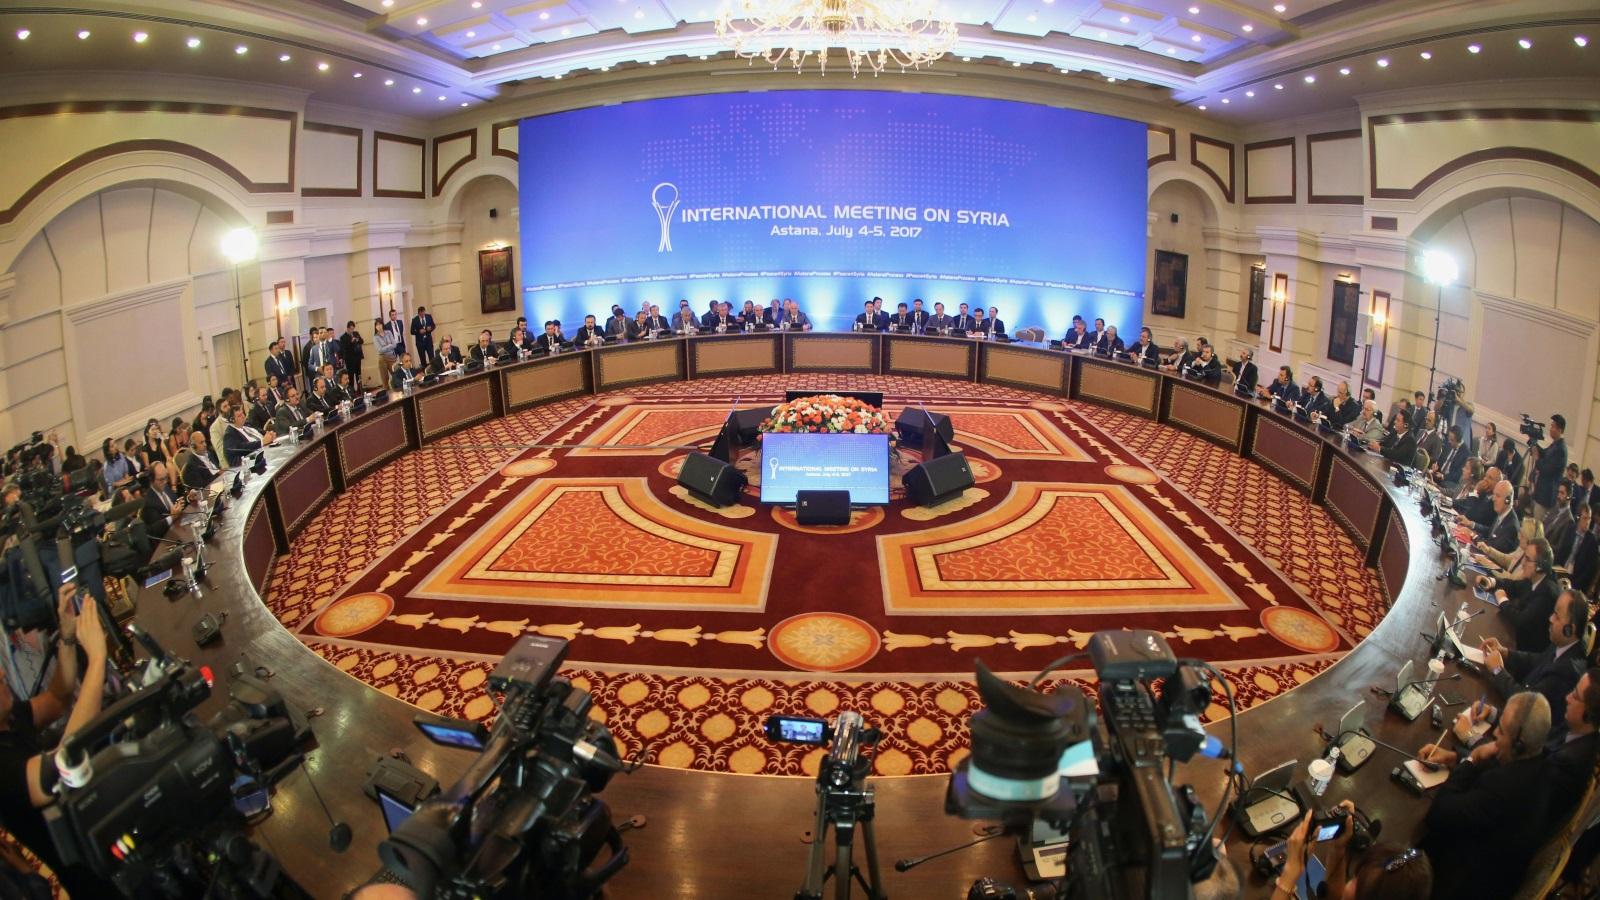 هل تصلح تجارب موسكو بالقوقاز لحل الأزمة السورية؟